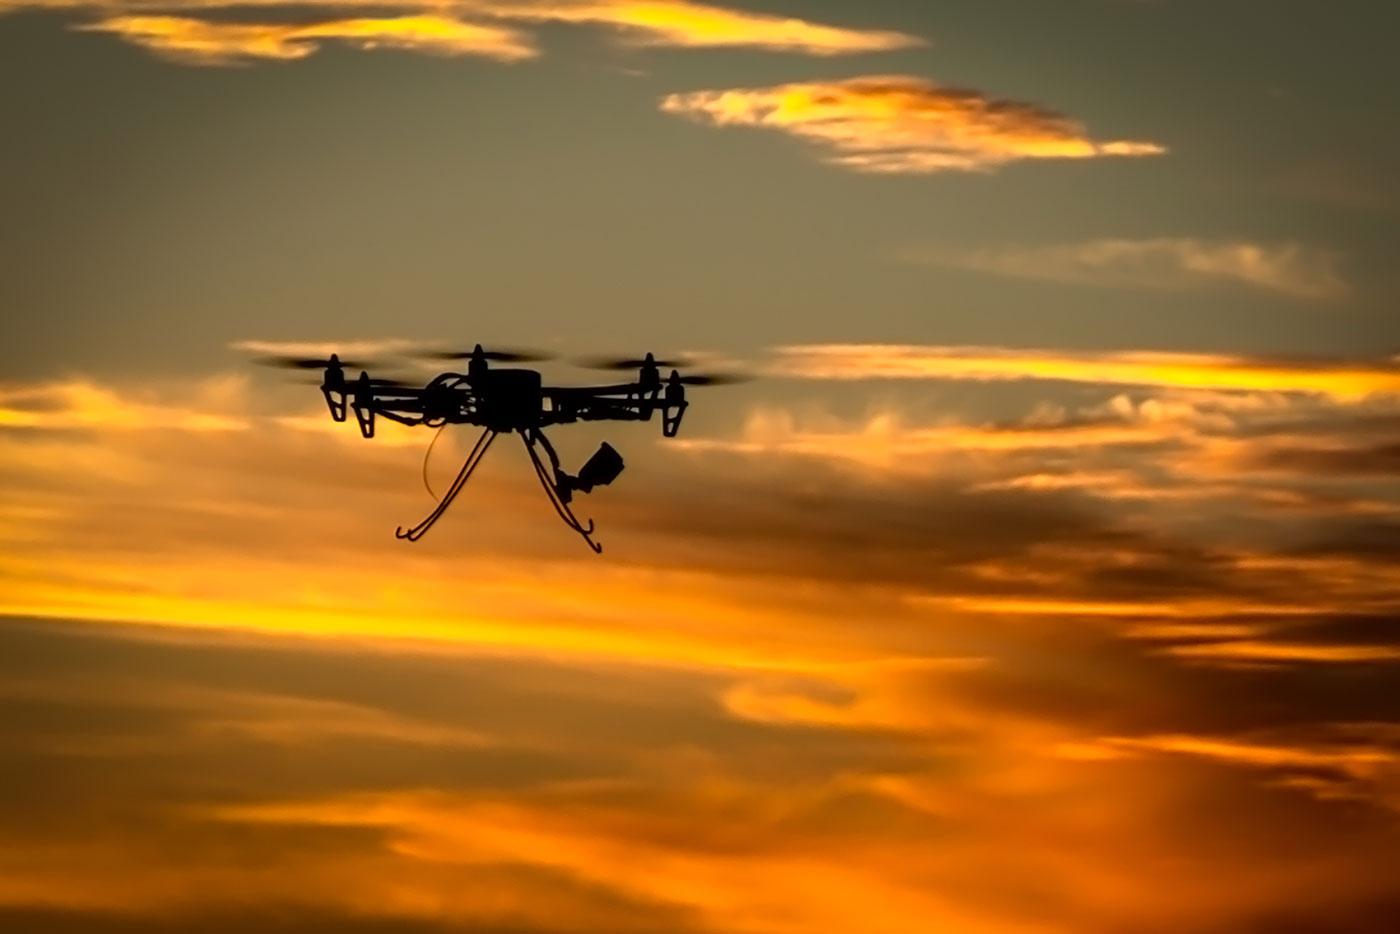 Hexactopter in flight